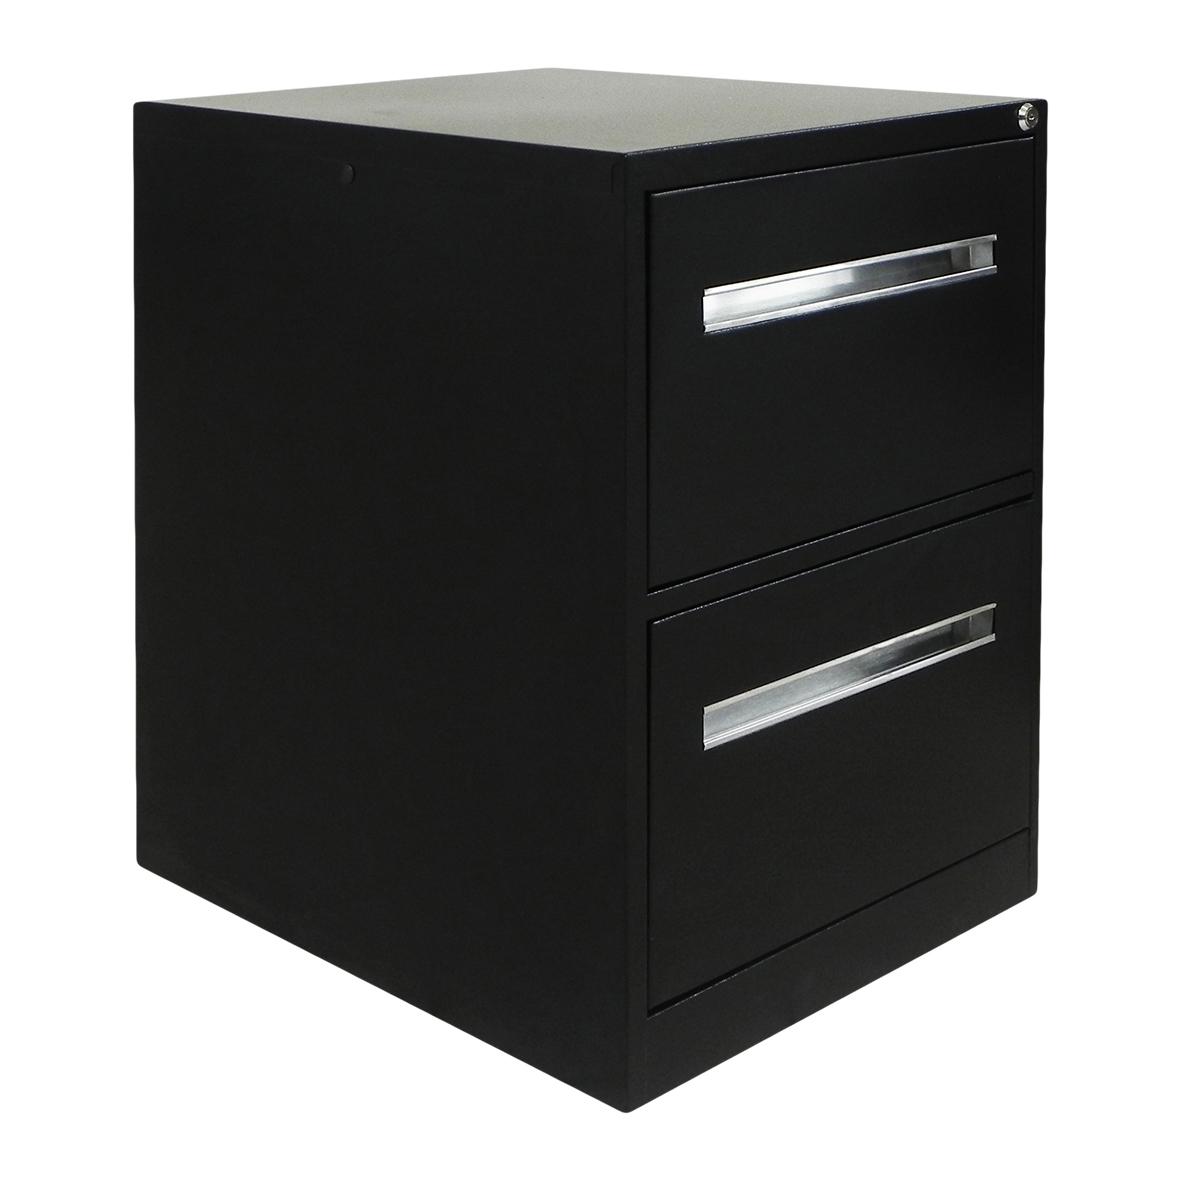 Muebles y equipo de oficina c mputo for Muebles y equipos de oficina viga